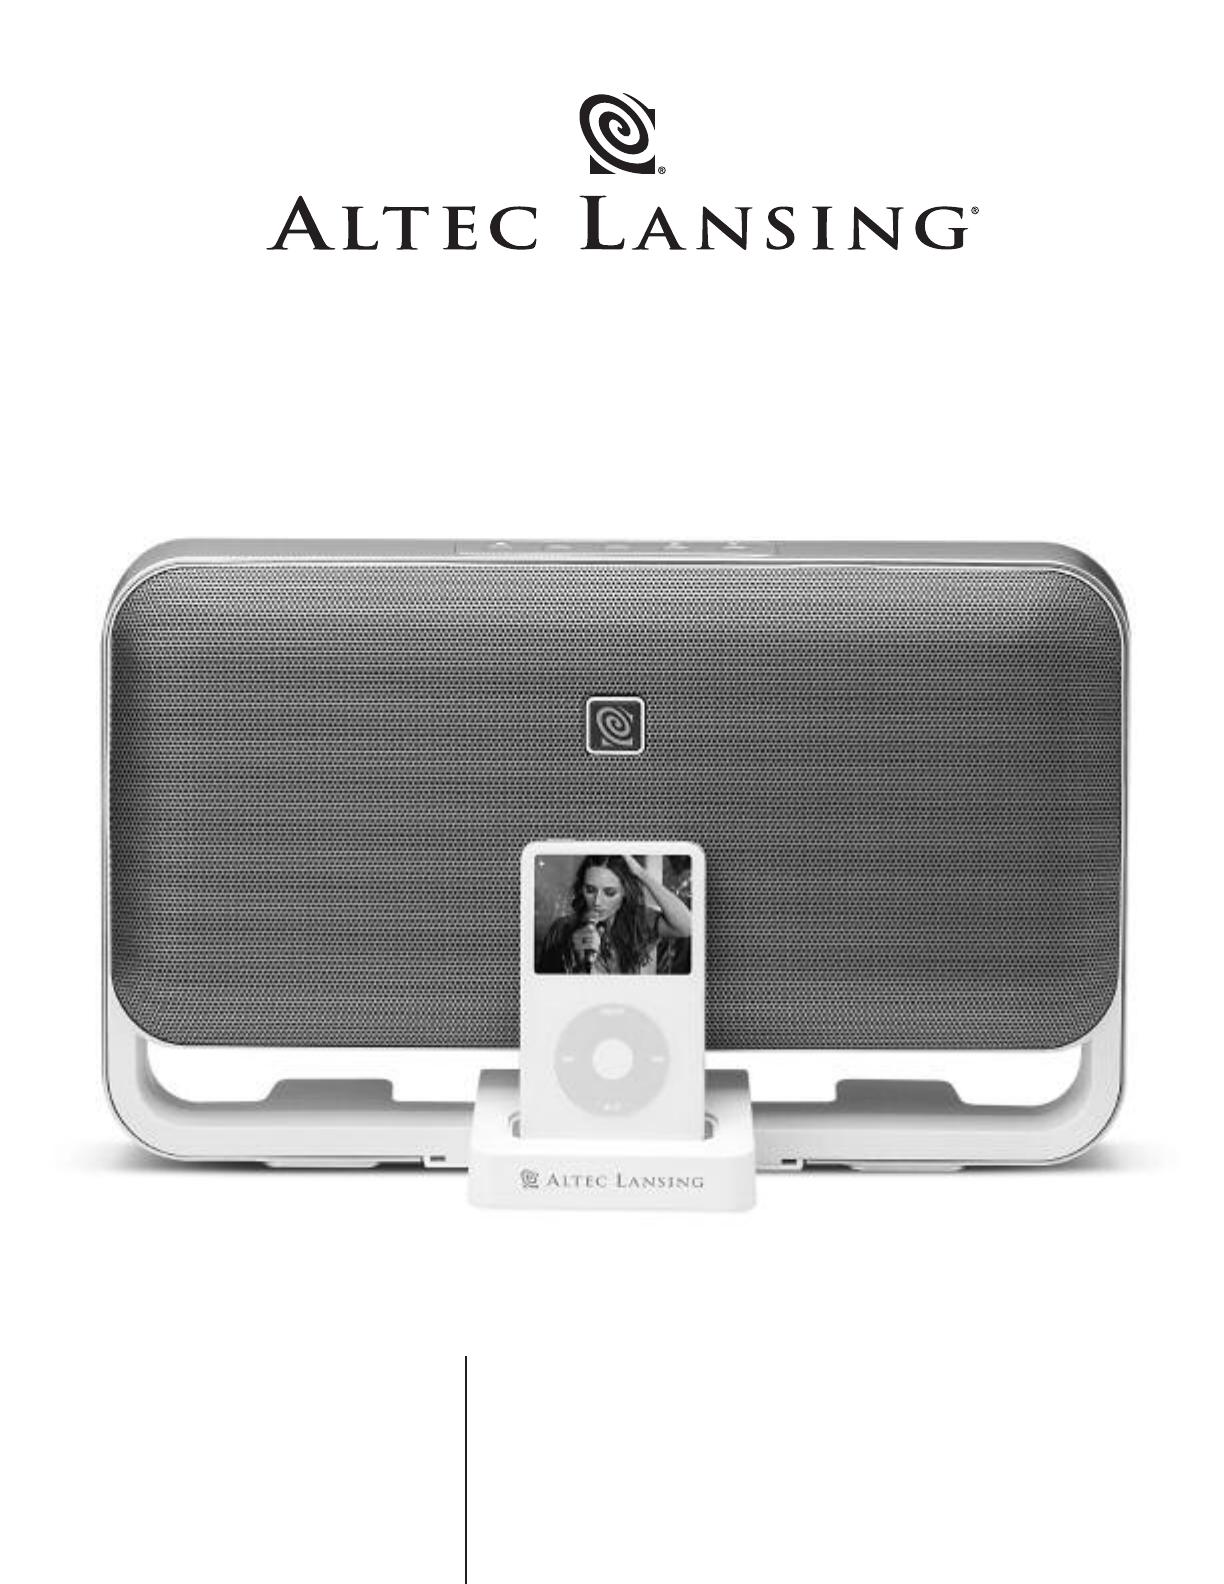 altec lansing portable speaker m602 user guide manualsonline com rh portablemedia manualsonline com Altec Lansing Speakers Altec Lansing A7